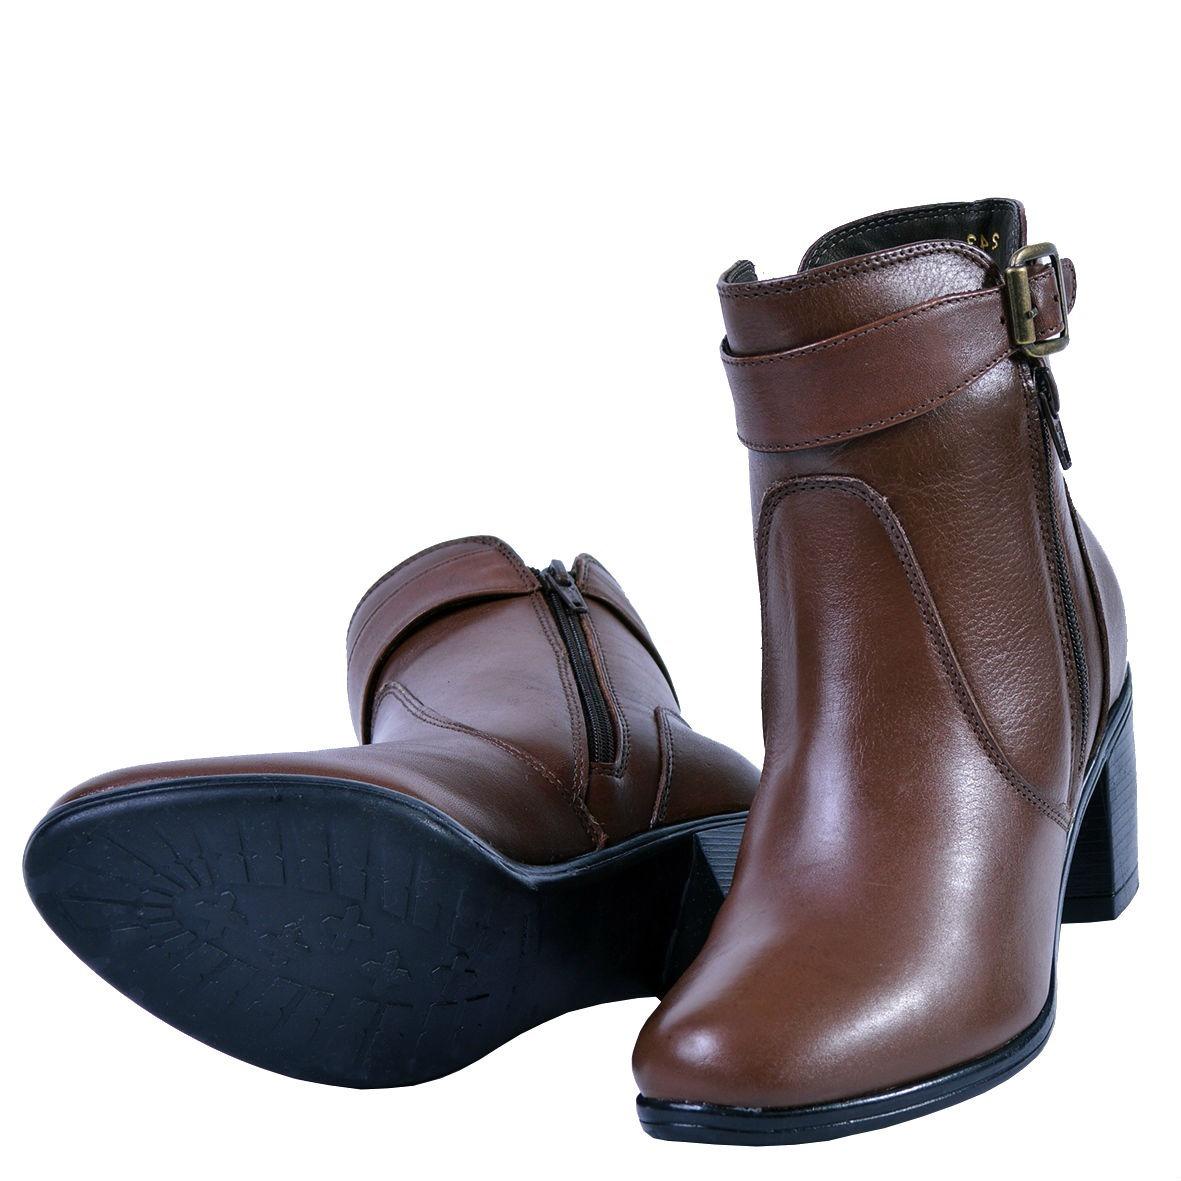 109105cc56 promoção coturno feminino bota cano curto marrom rock 243. Carregando zoom.